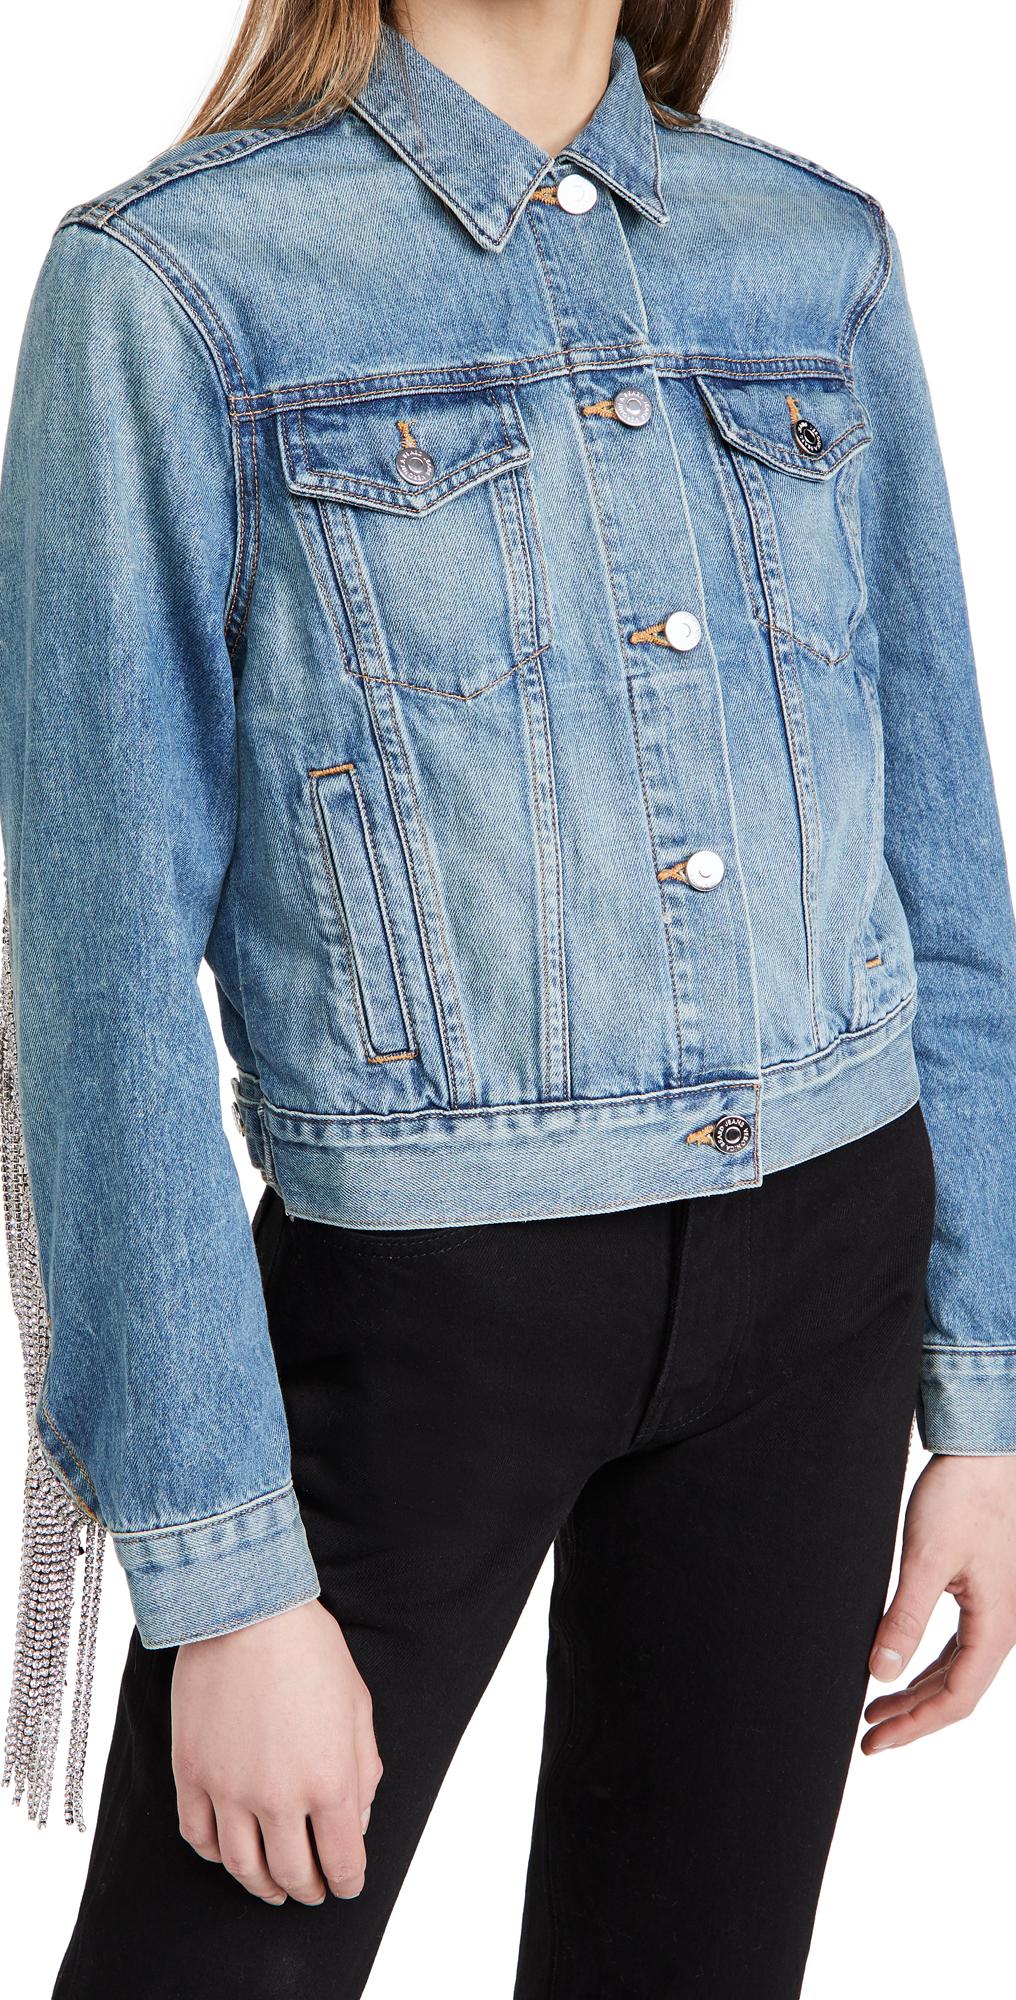 Veronica Beard Jean Kinley Jacket with Rhinestones